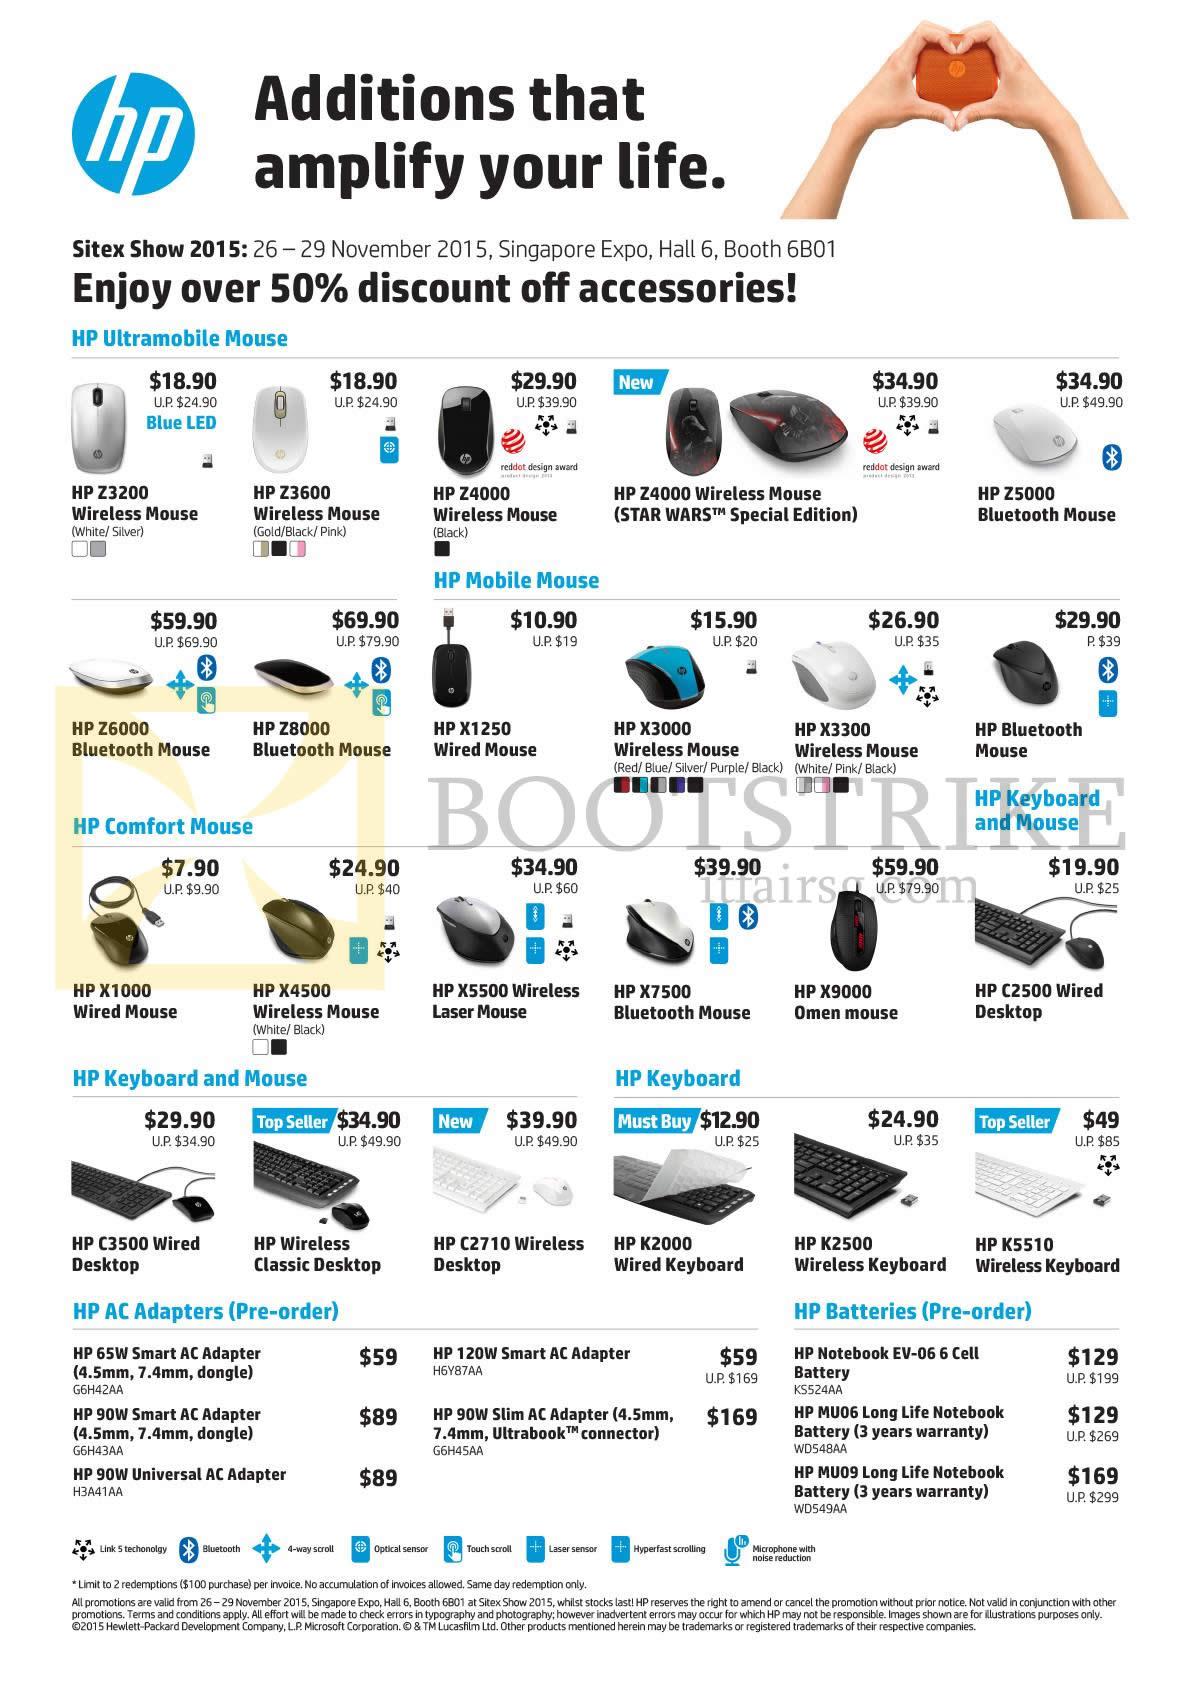 SITEX 2015 price list image brochure of HP Accessories Mouses, Keyboards, AC Adapters, Batteries, Z3200, Z3600, Z4000, Z5000, Z6000, Z8000, X1250, X3000, X1000, X4500, X5500, X7500, X9000, C2500